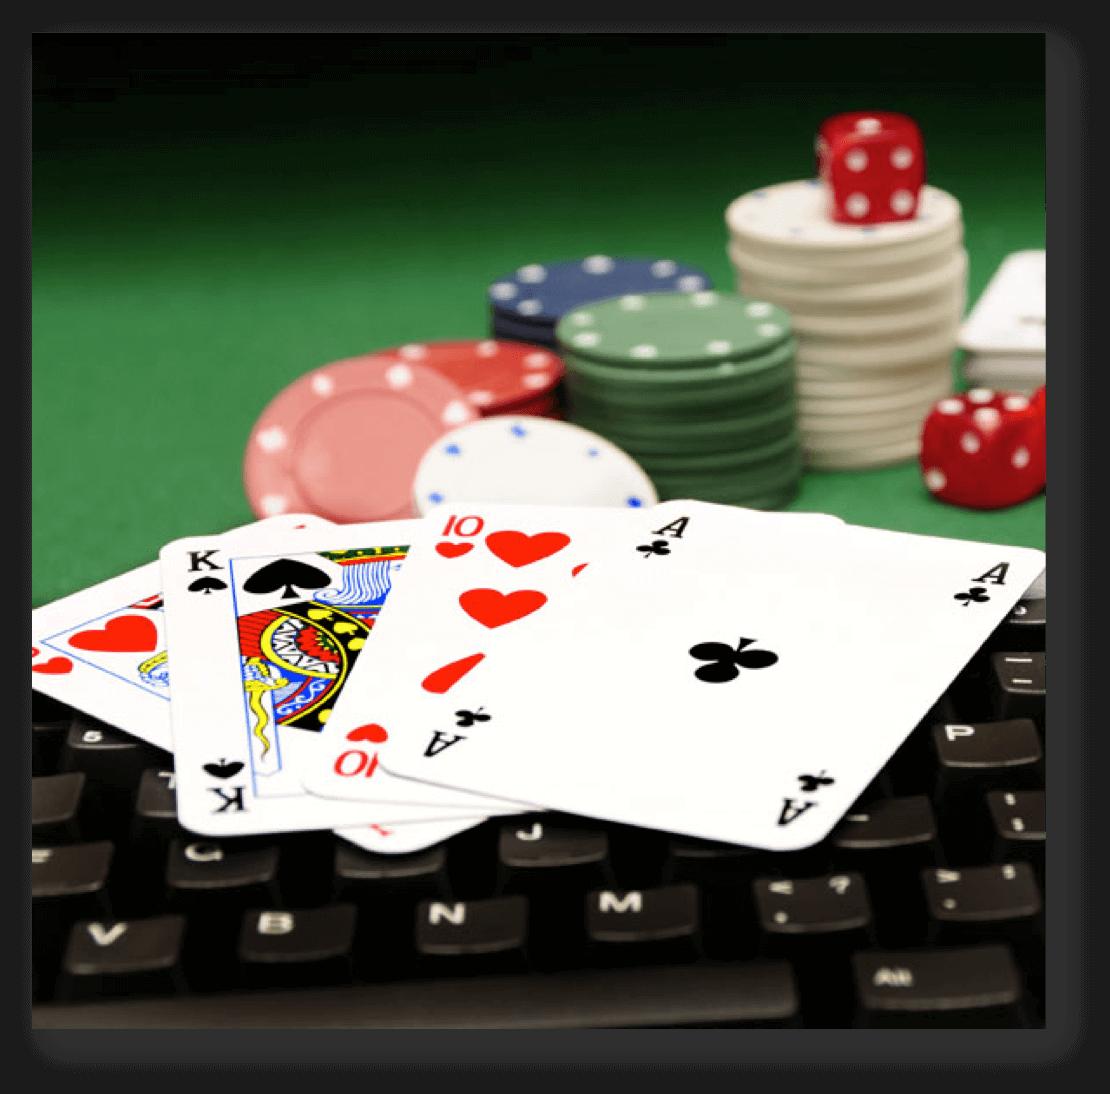 Estatísticas de poker online em Portugal baixam ligeiramente